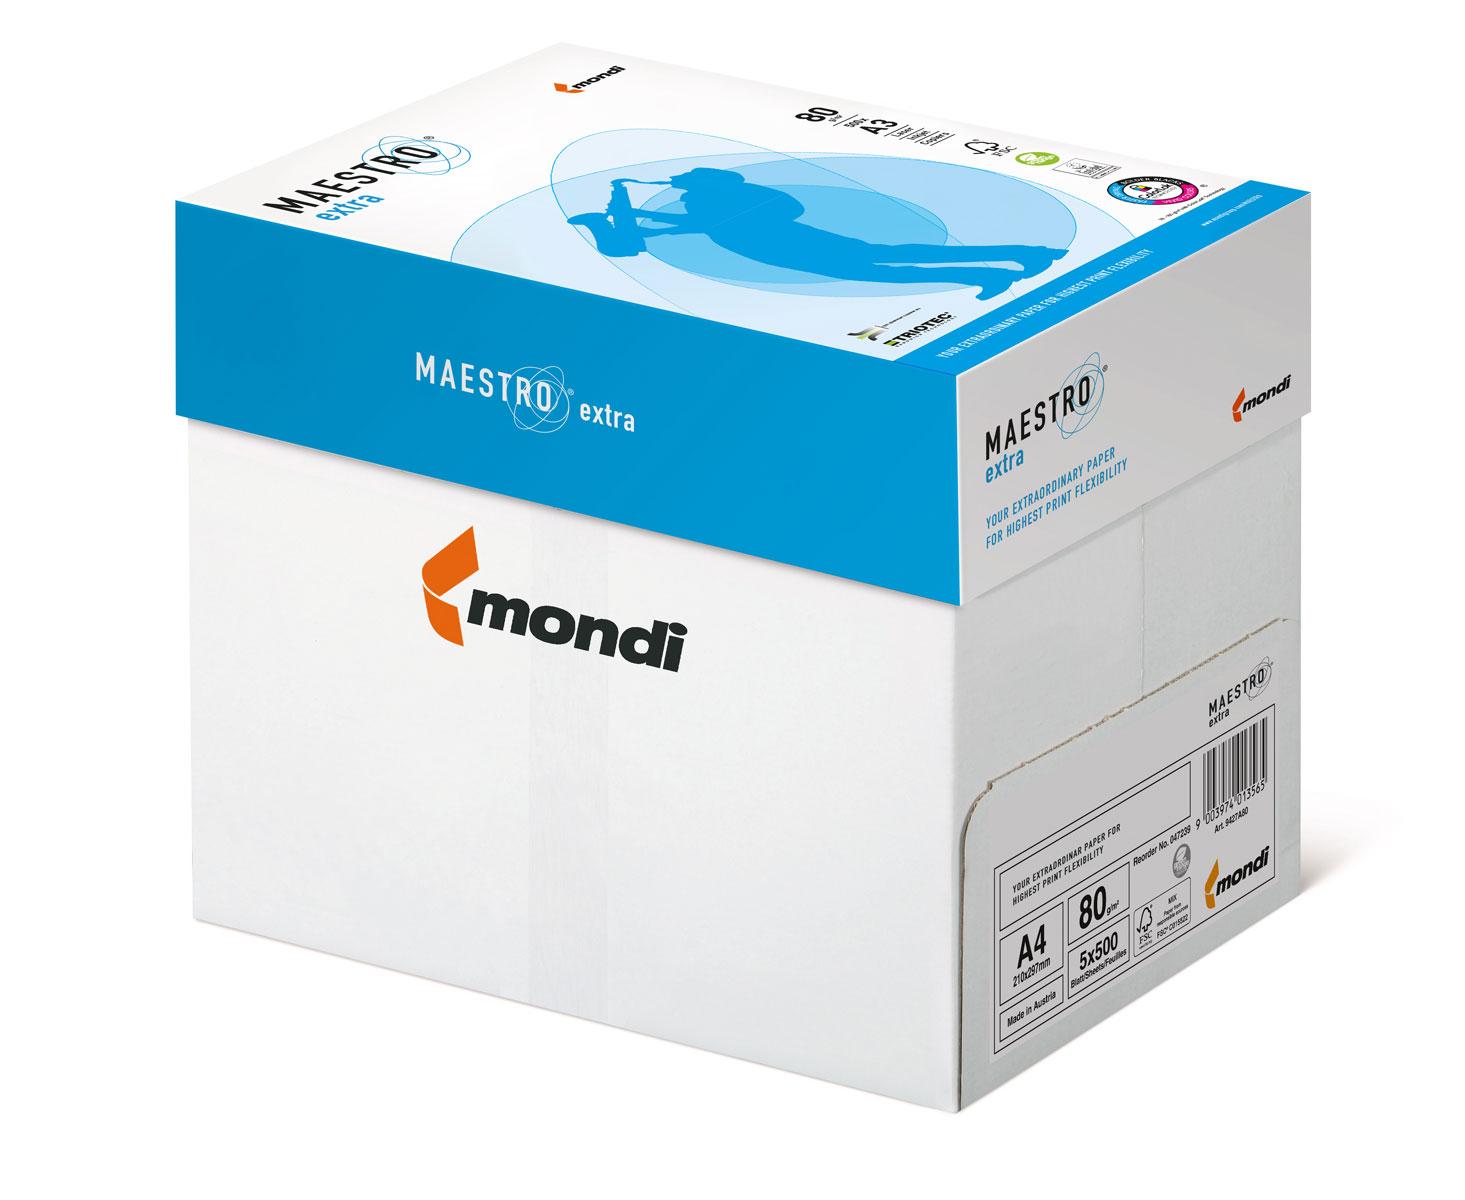 Бумага А4 80гр./м2. 500 листов Maestro Extra Mondi - фото 2